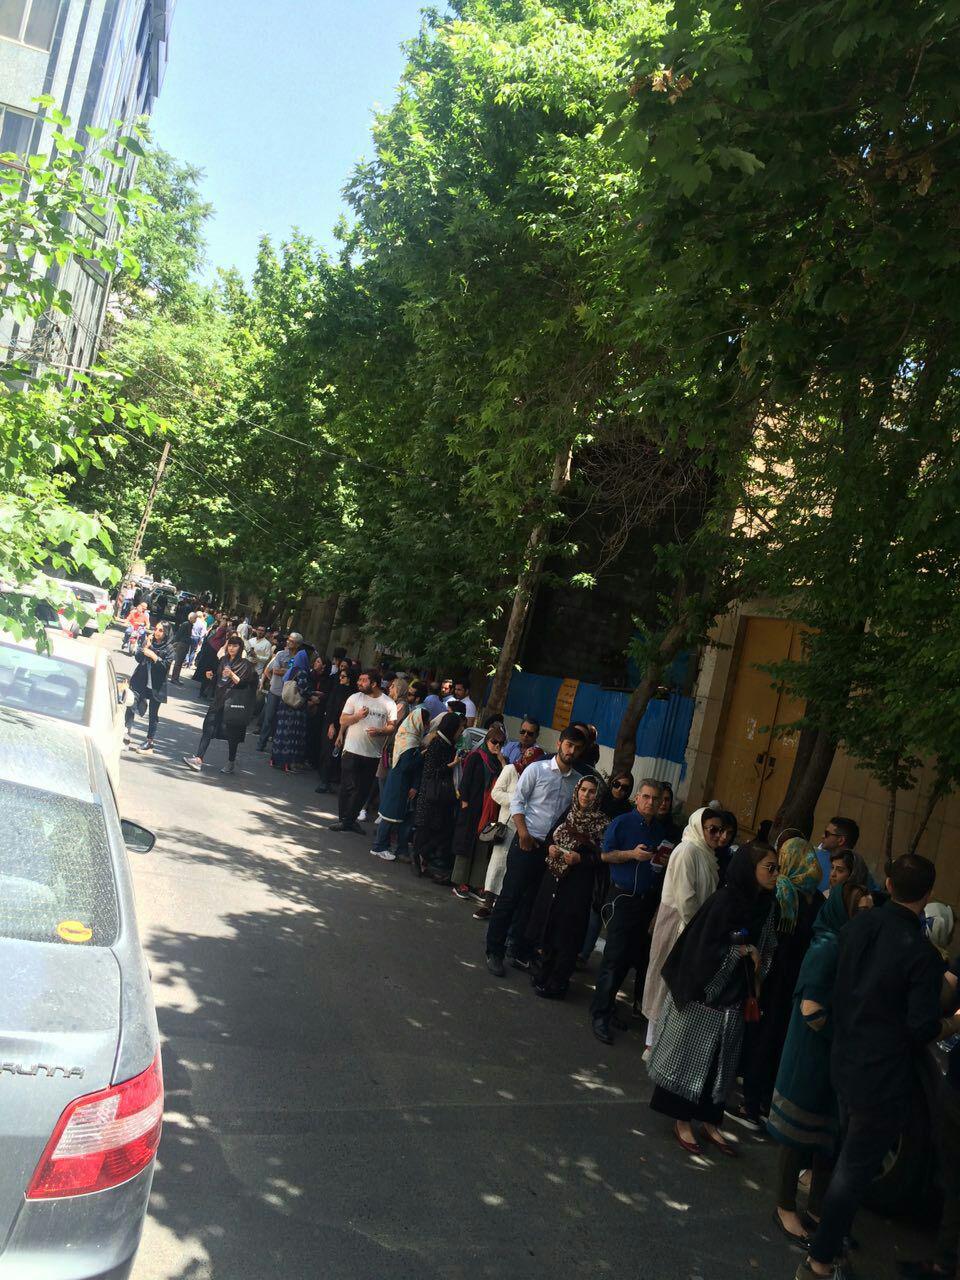 تهران الهیه، خیابان بوسنی هرزگوین